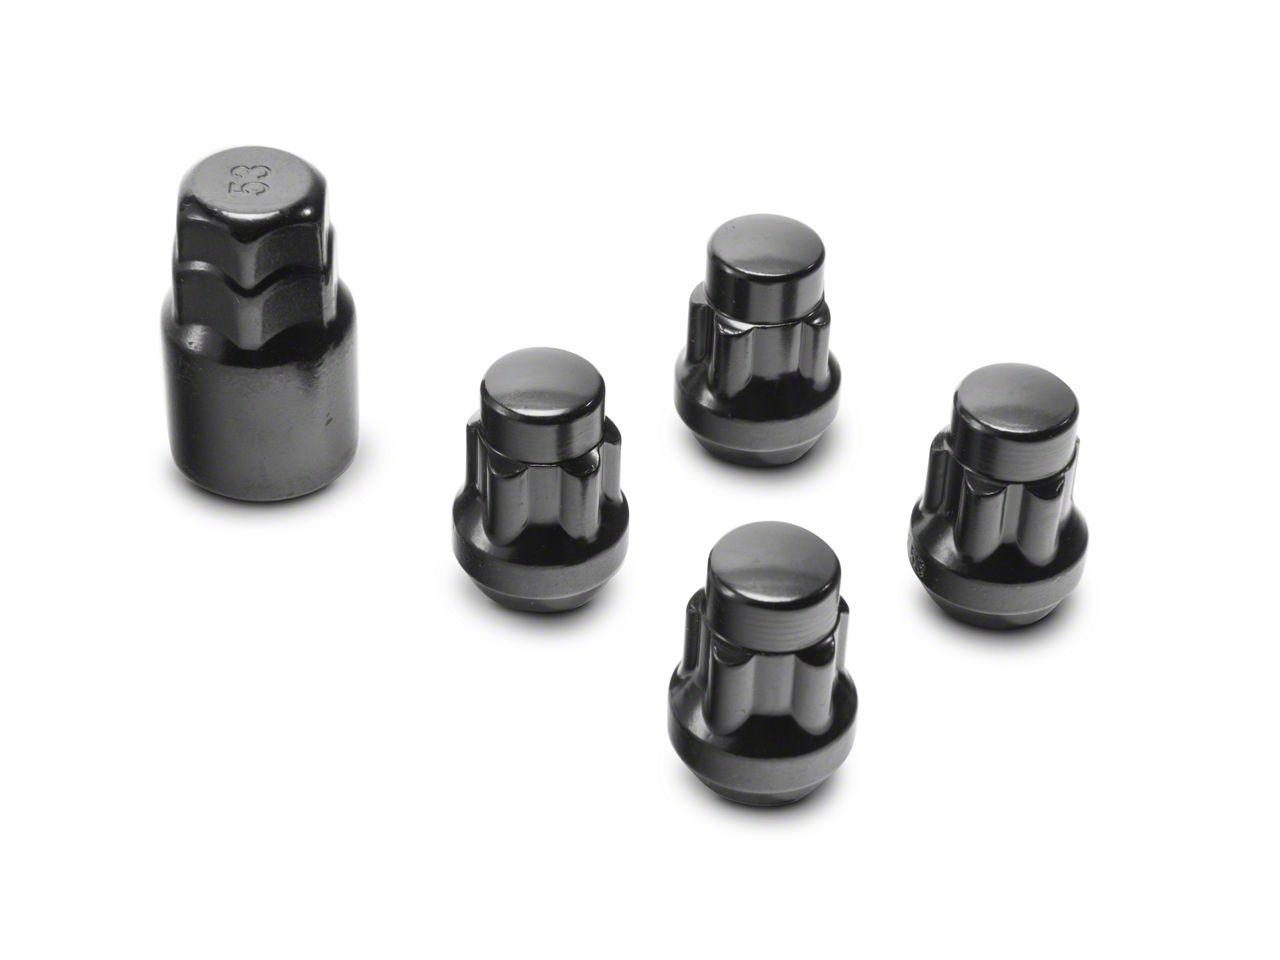 Coyote Locks with Key for Black Acorn Lug Nuts - 14mm x 1.50 in. (99-18 Silverado 1500)